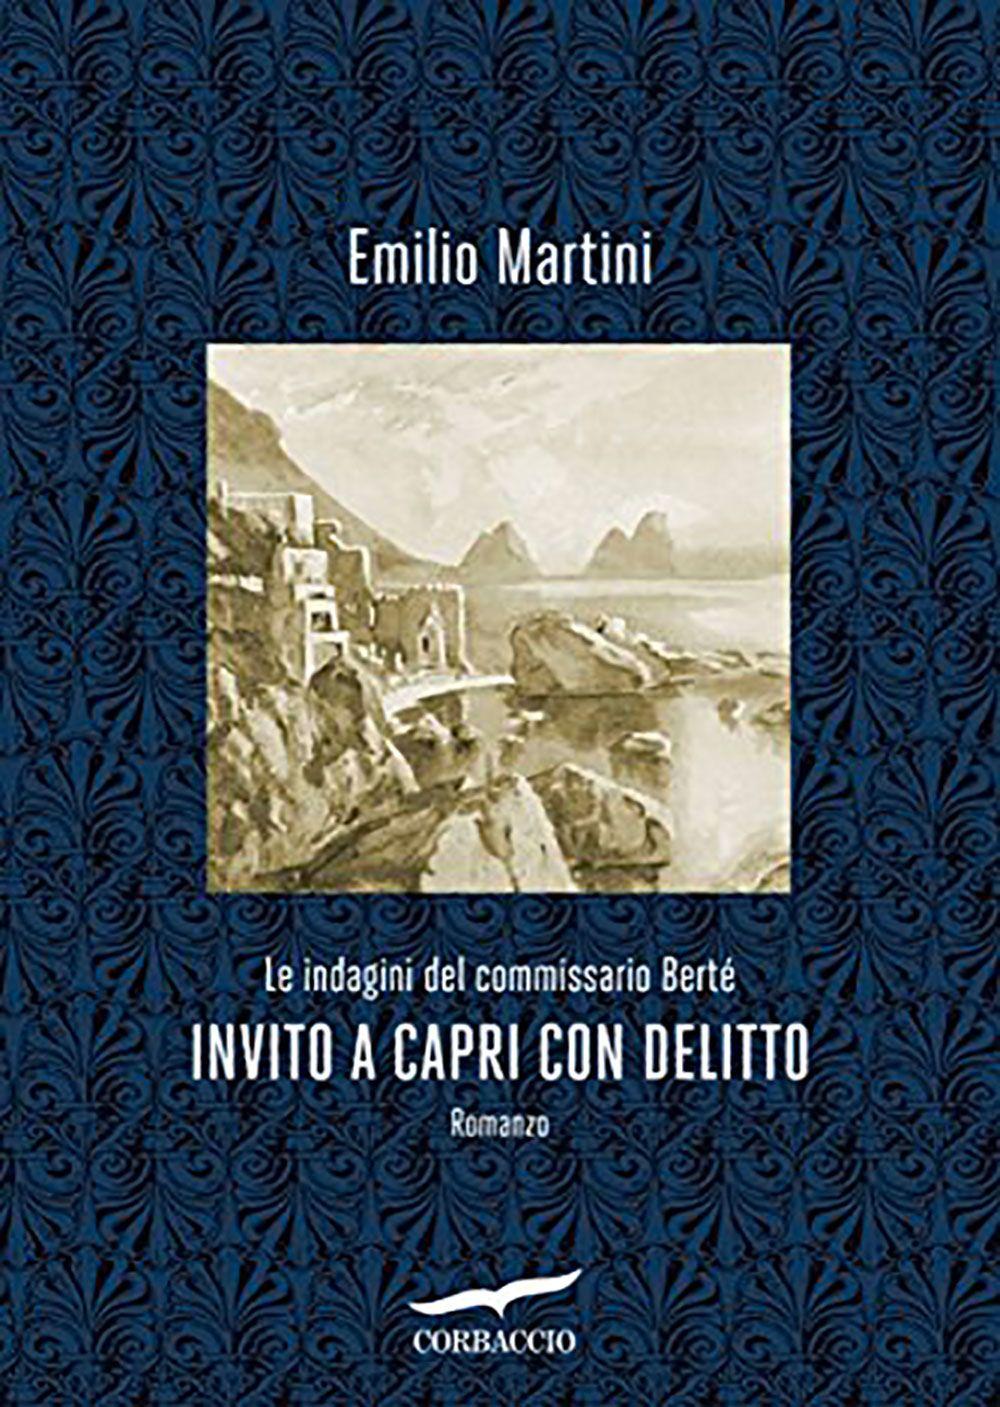 """15/06/2017 • Esce """"Invito a Capri con delitto"""" di Emilio Martini edito da Corbaccio"""